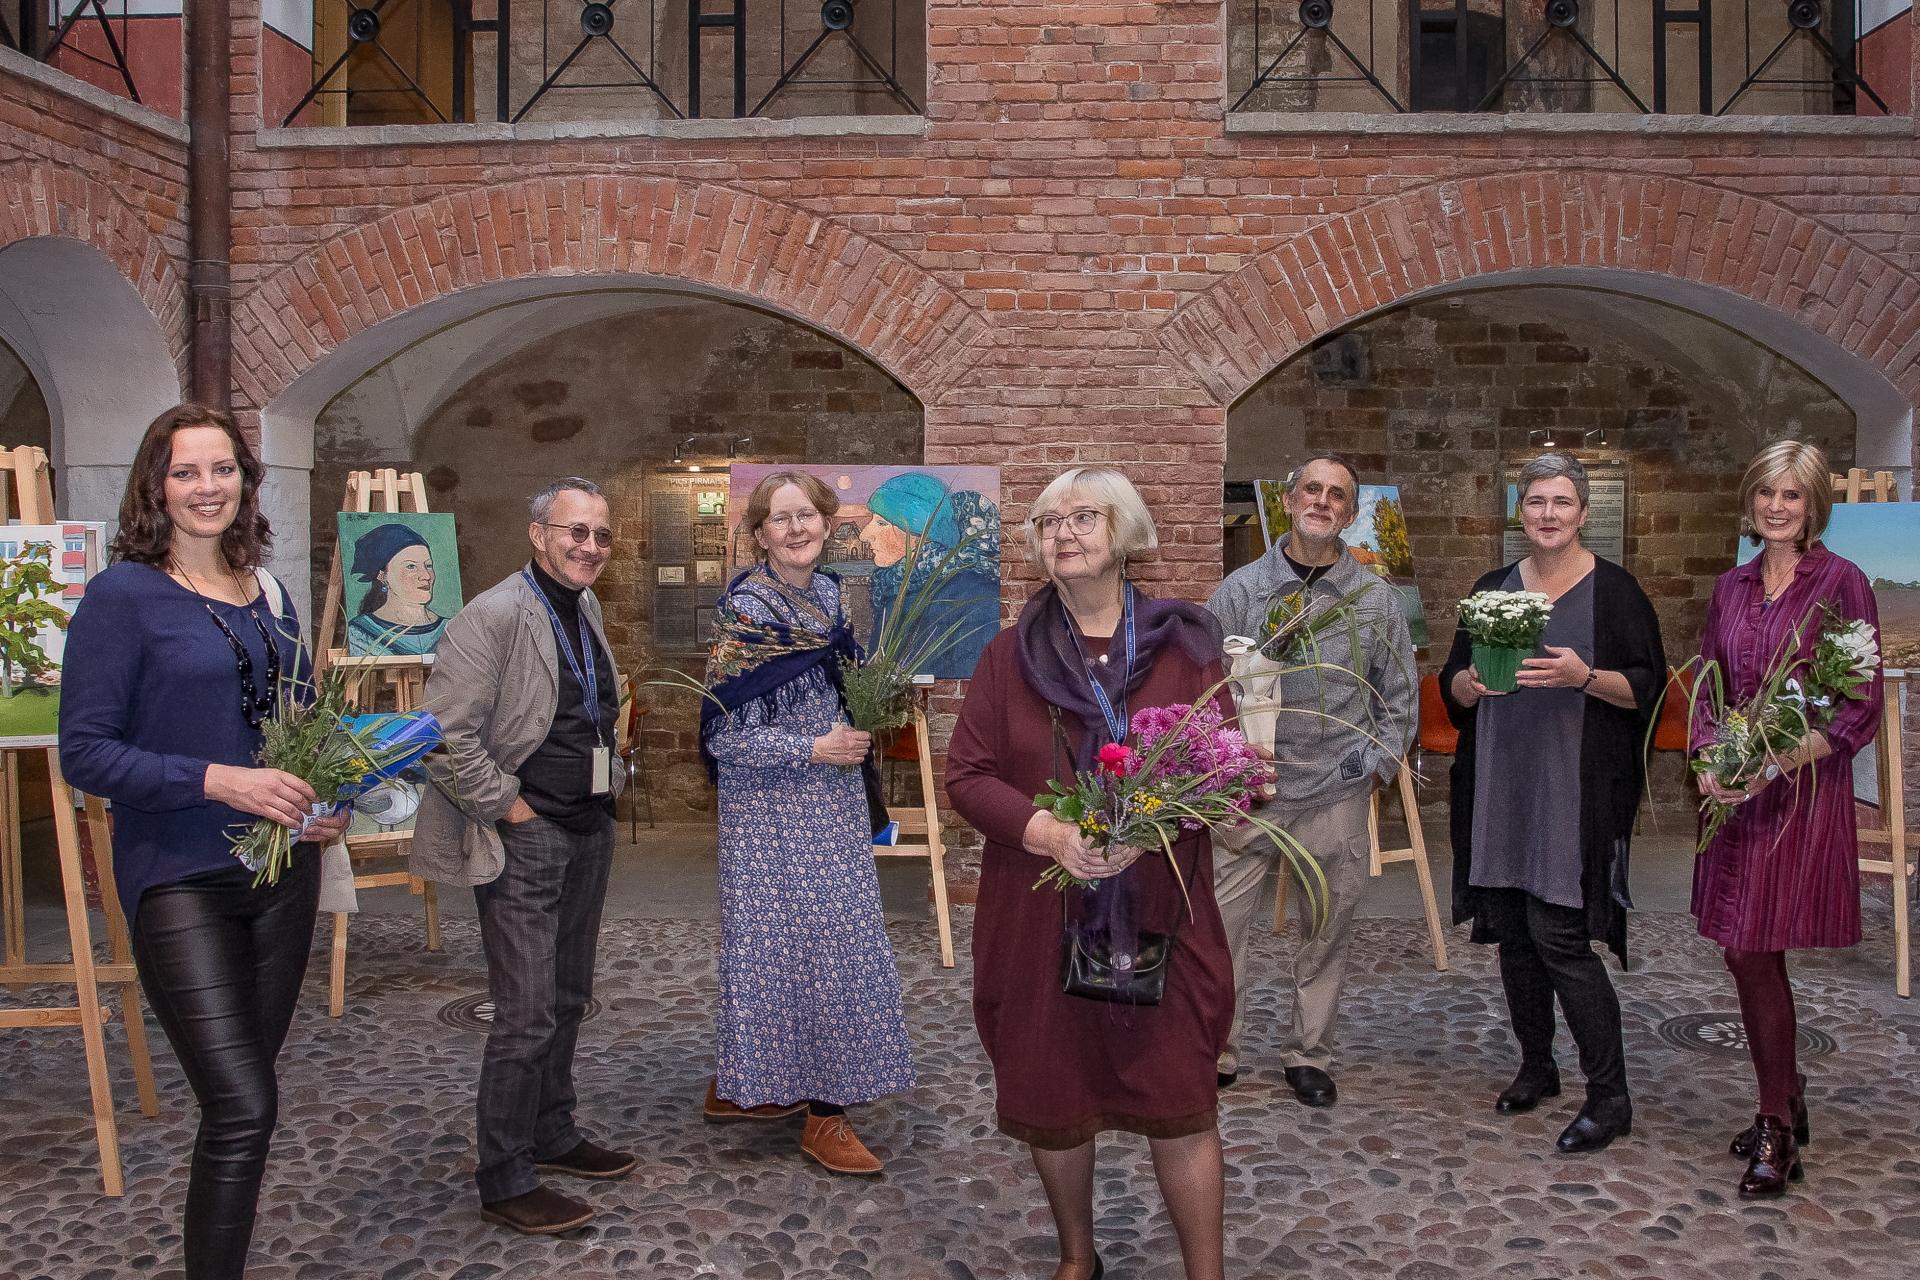 Beidzies plenērs, lai dzīvo izstāde! Ventspils muzeja glezniecības plenērs 2021'noslēdzies ar izstādi Livonijas ordeņa pilī